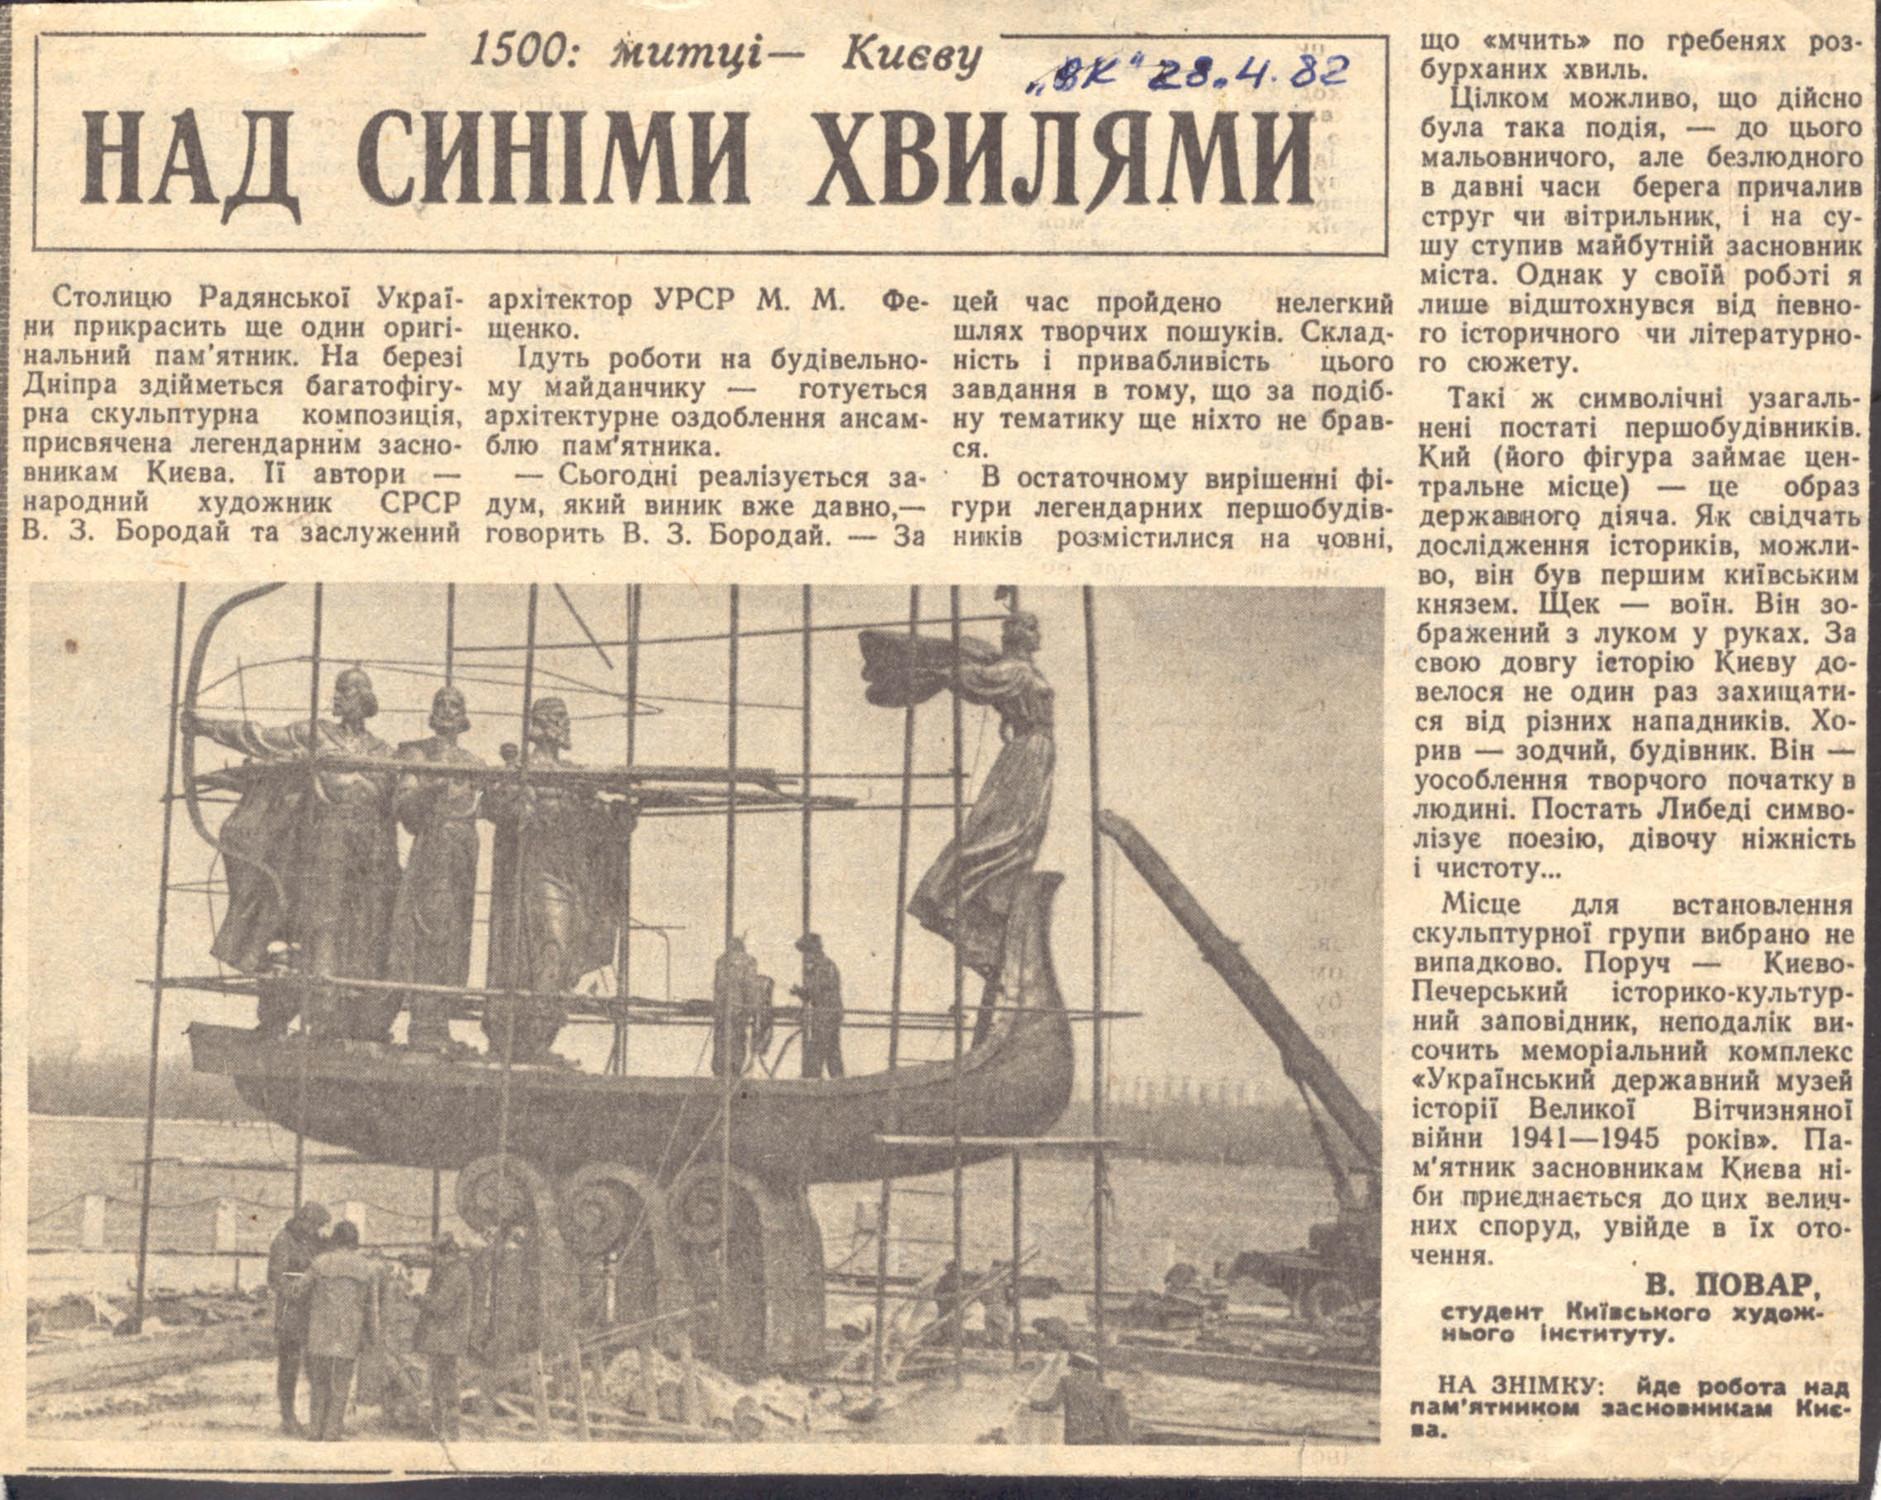 Статья в Вечернем Киеве об открытии памятника Кию, Щеку, Хориву и Лыбеди в 1982 году